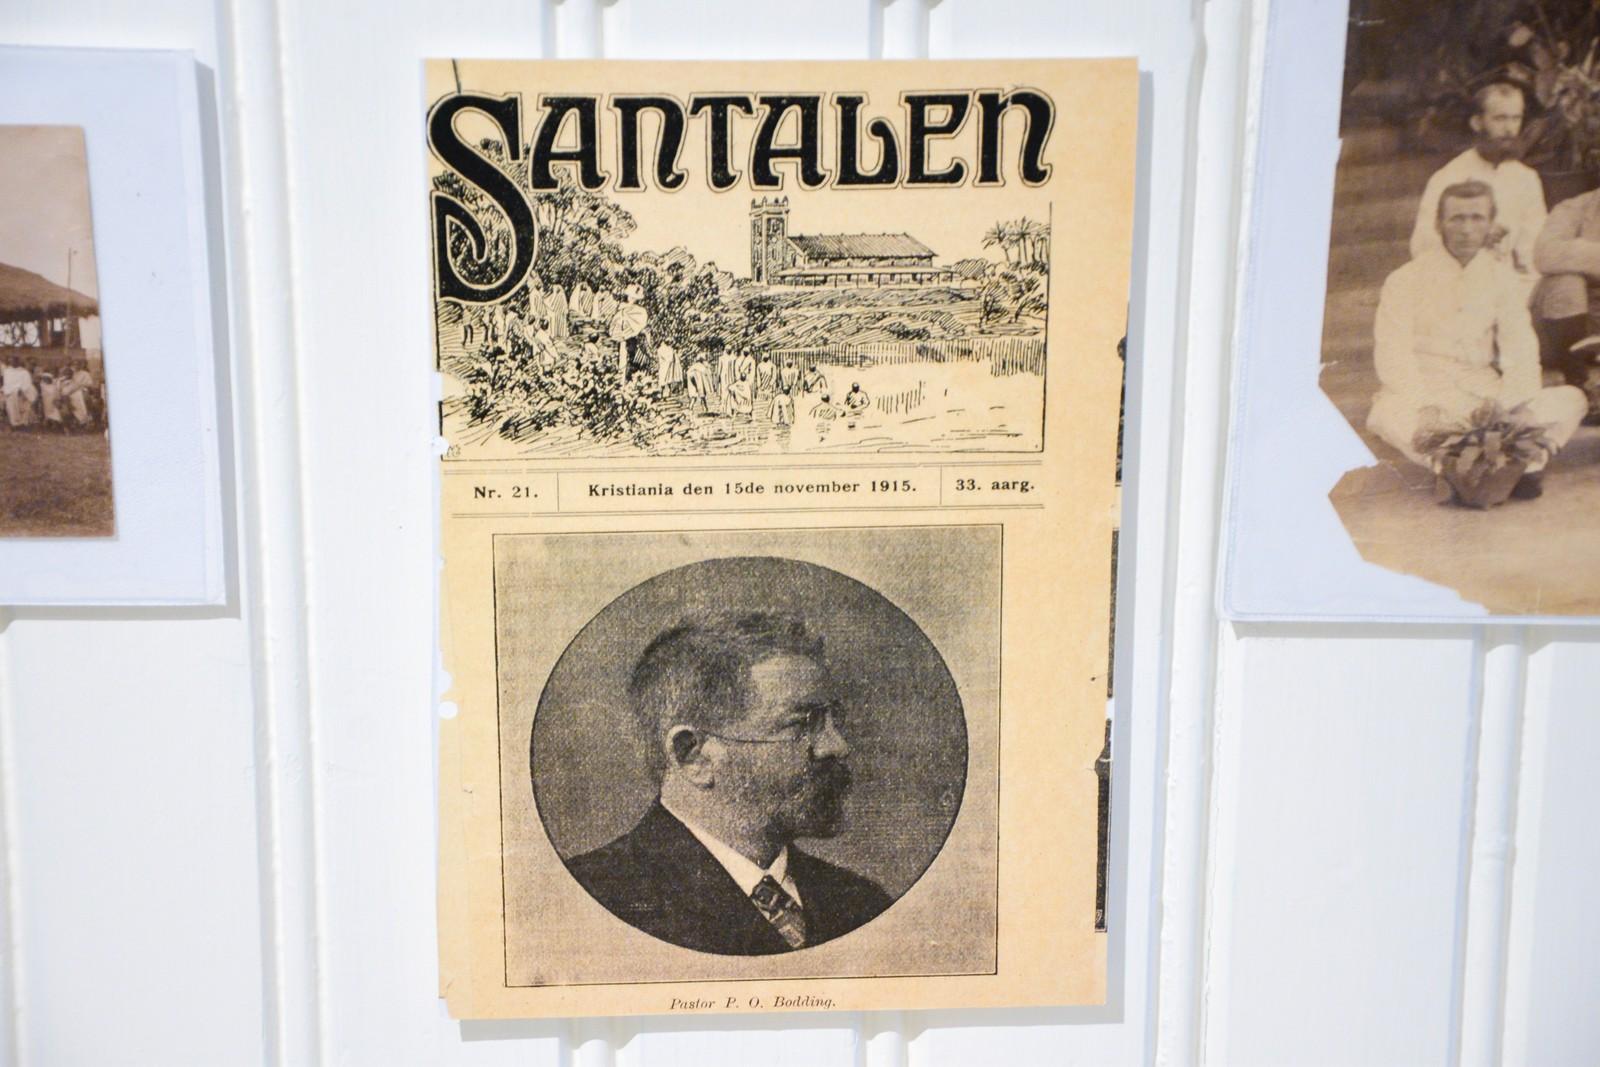 Et medlemsblad for Santalen som kom ut i Christiania 1915.